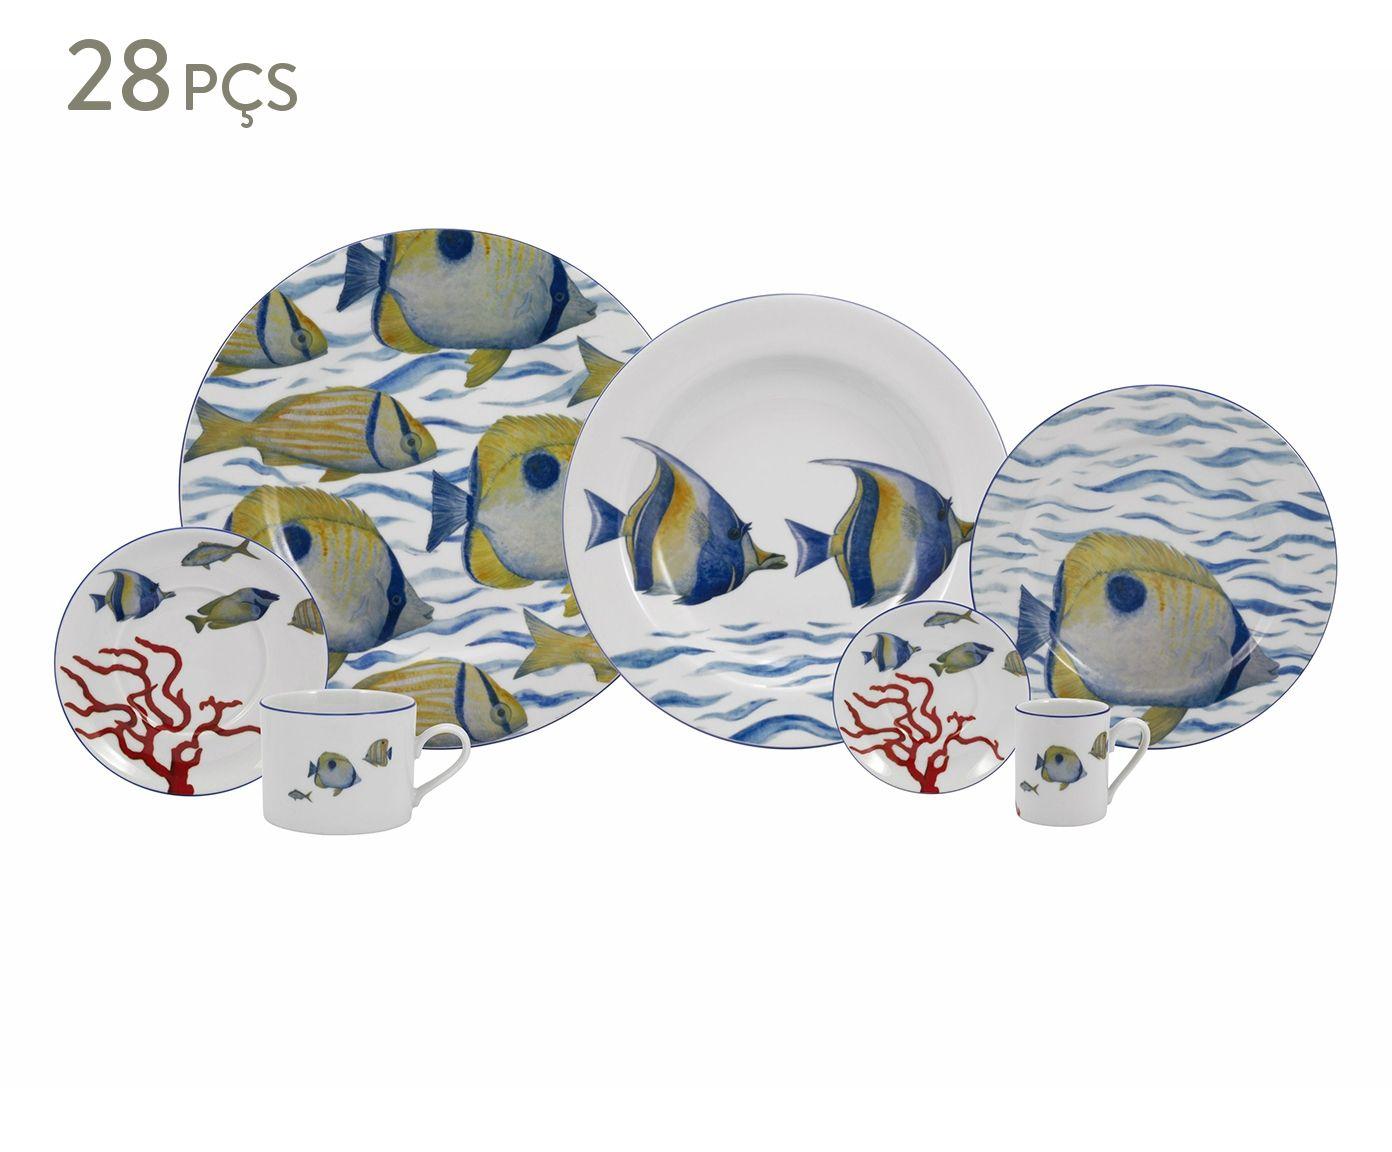 Jogo de Jantar em Porcelana Oceano - 04 Pessoas   Westwing.com.br